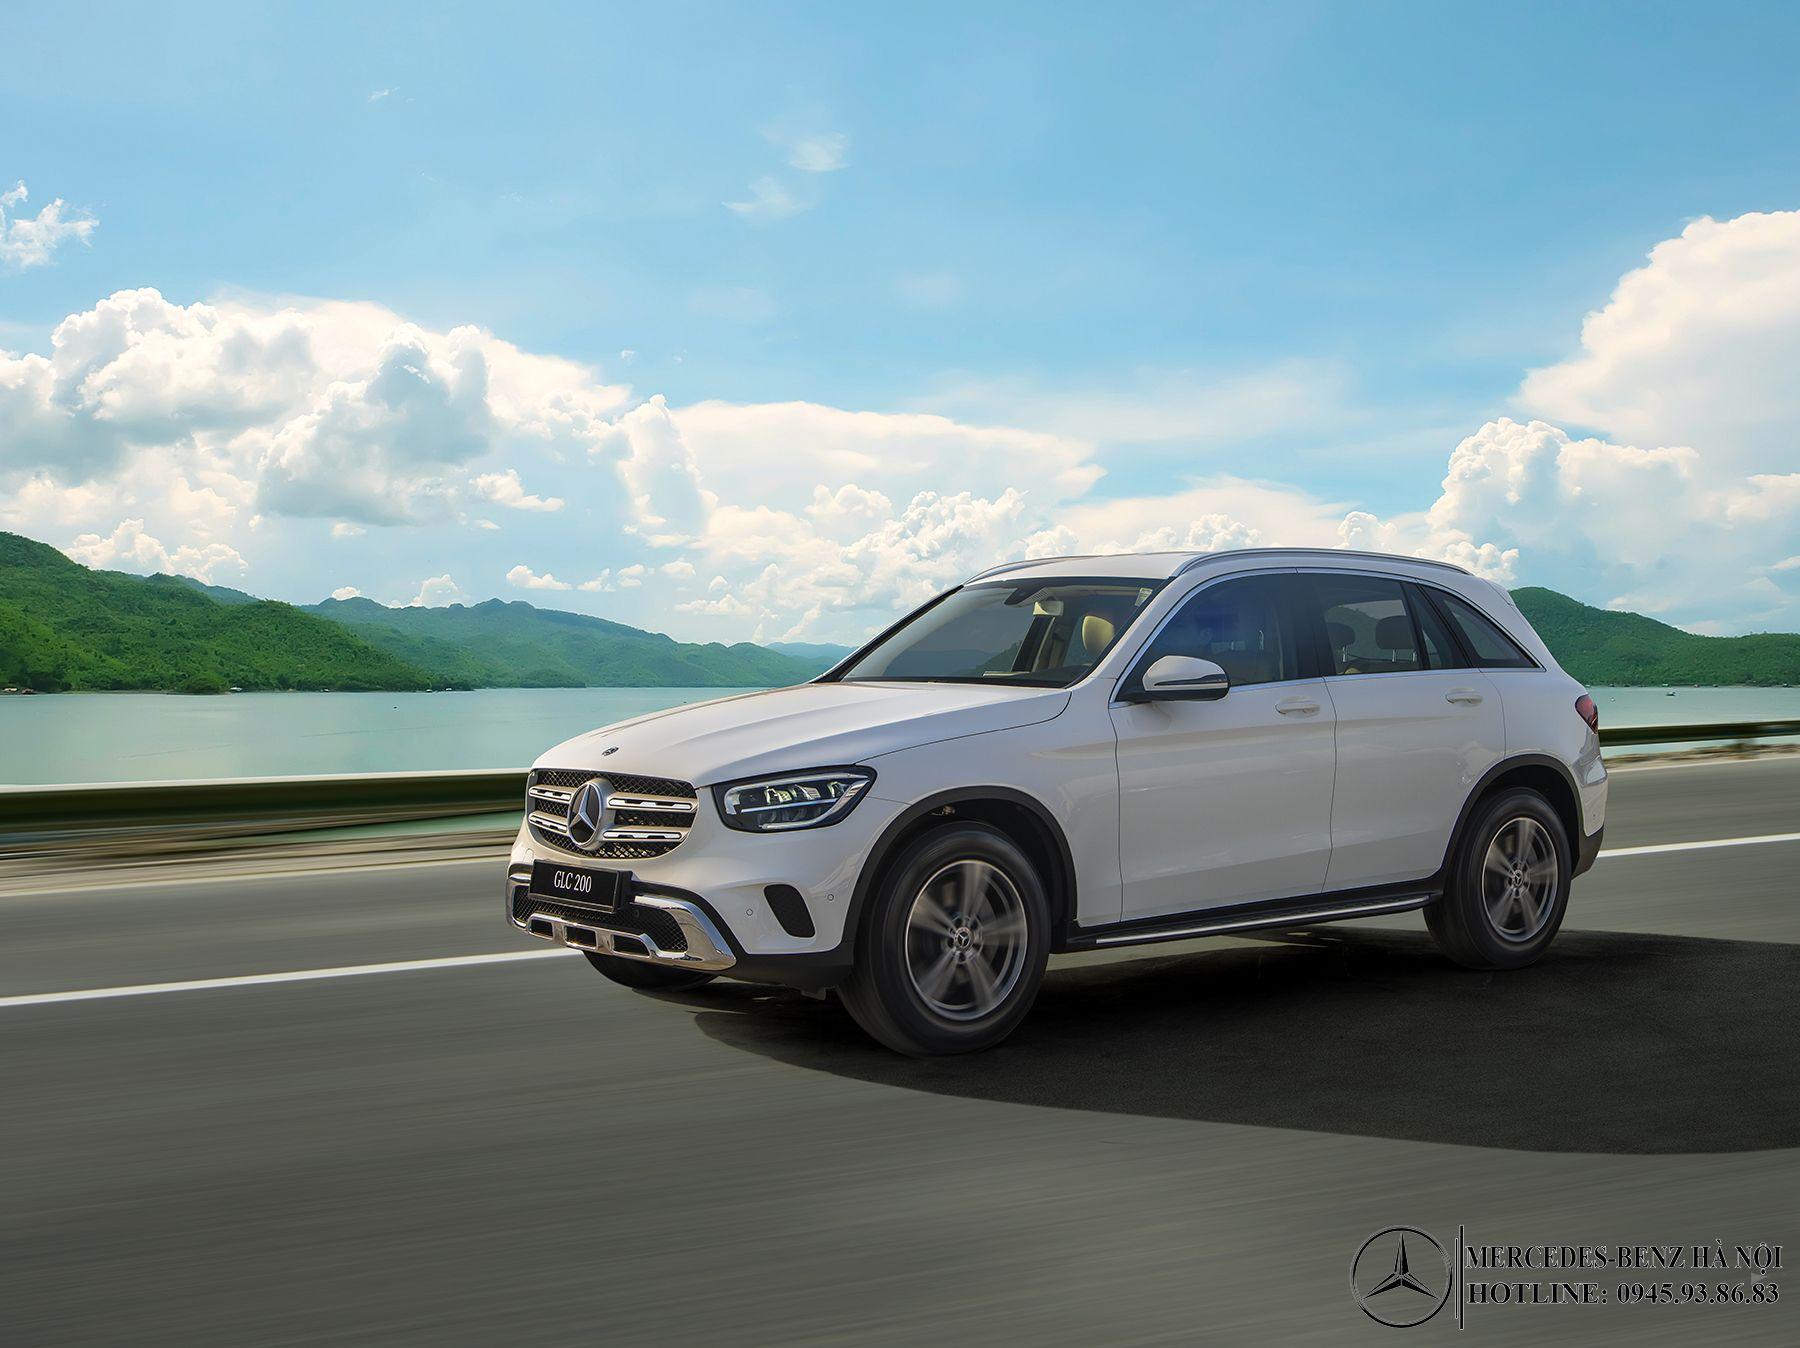 dau-xe-Mercedes-Benz-GLC-200-2020_mercedeshanoi-com-vn